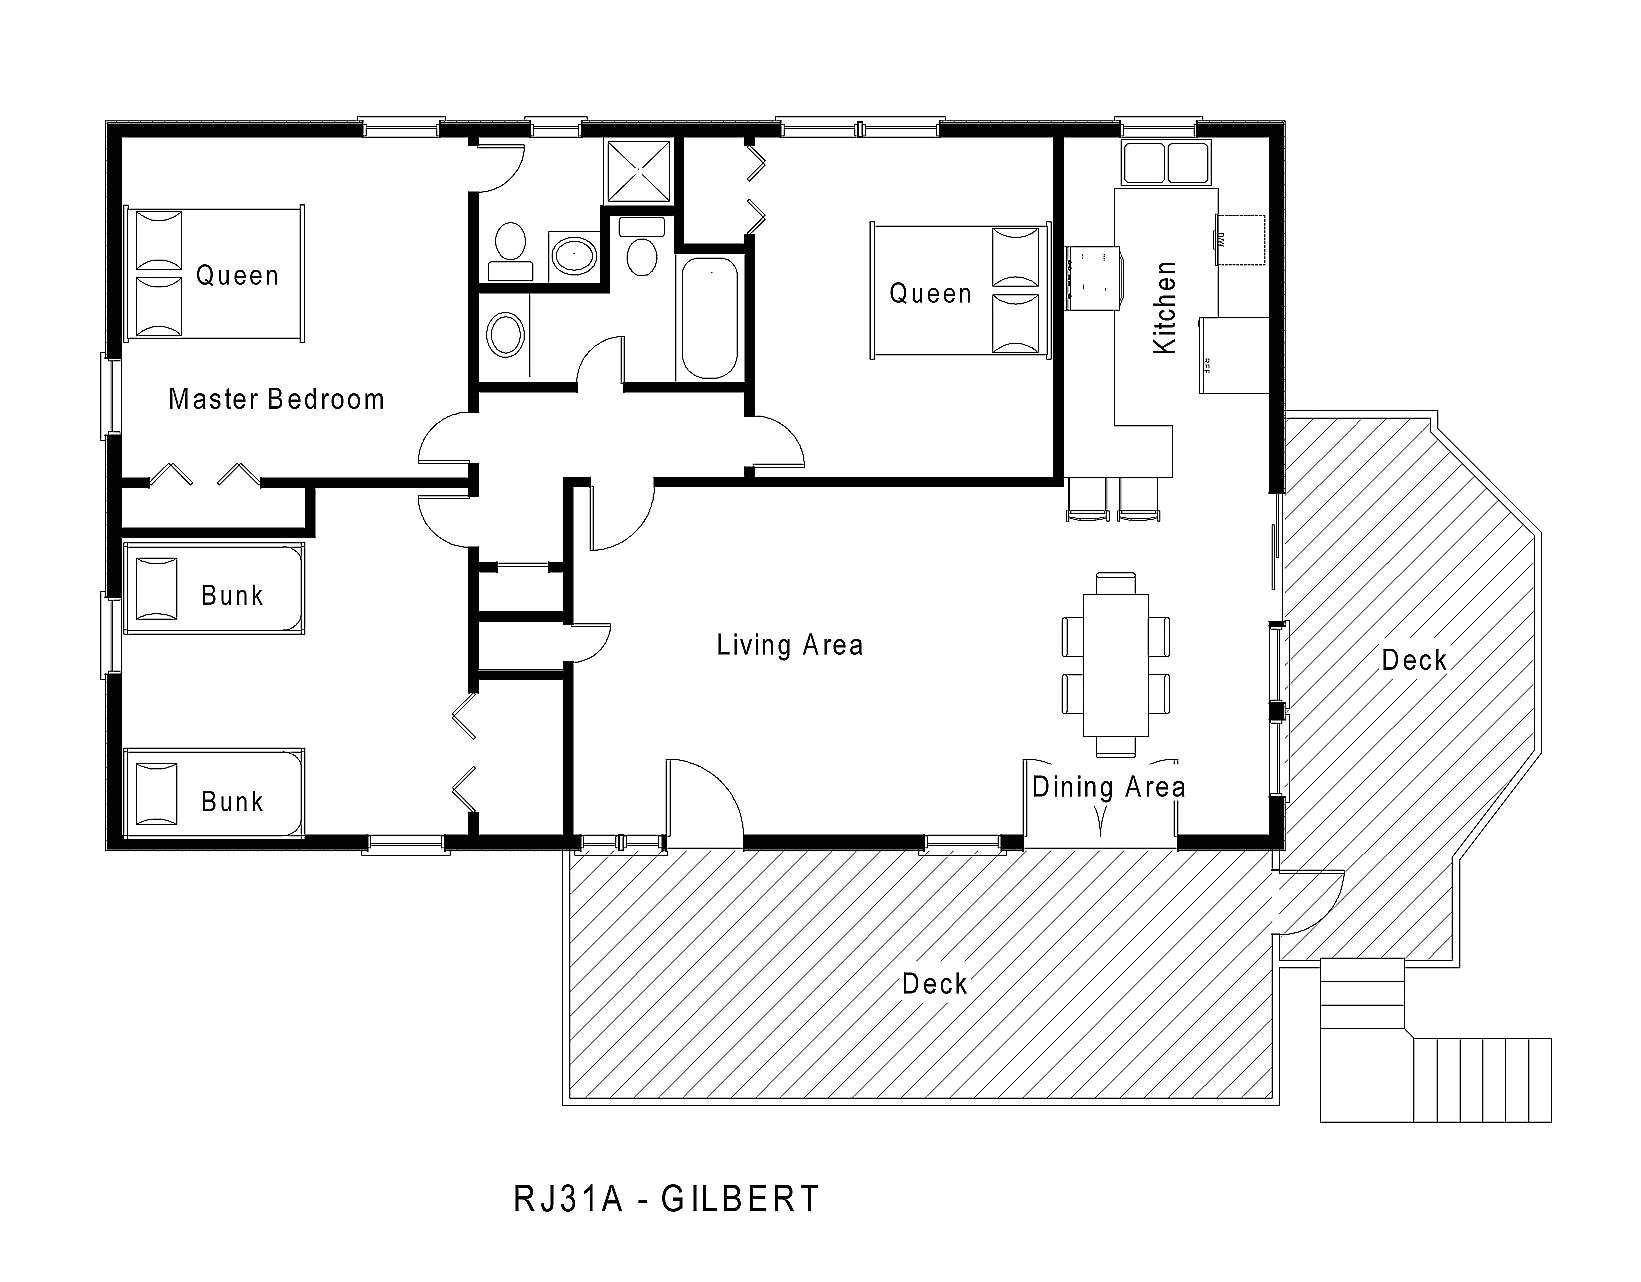 1 story beach house floor plans